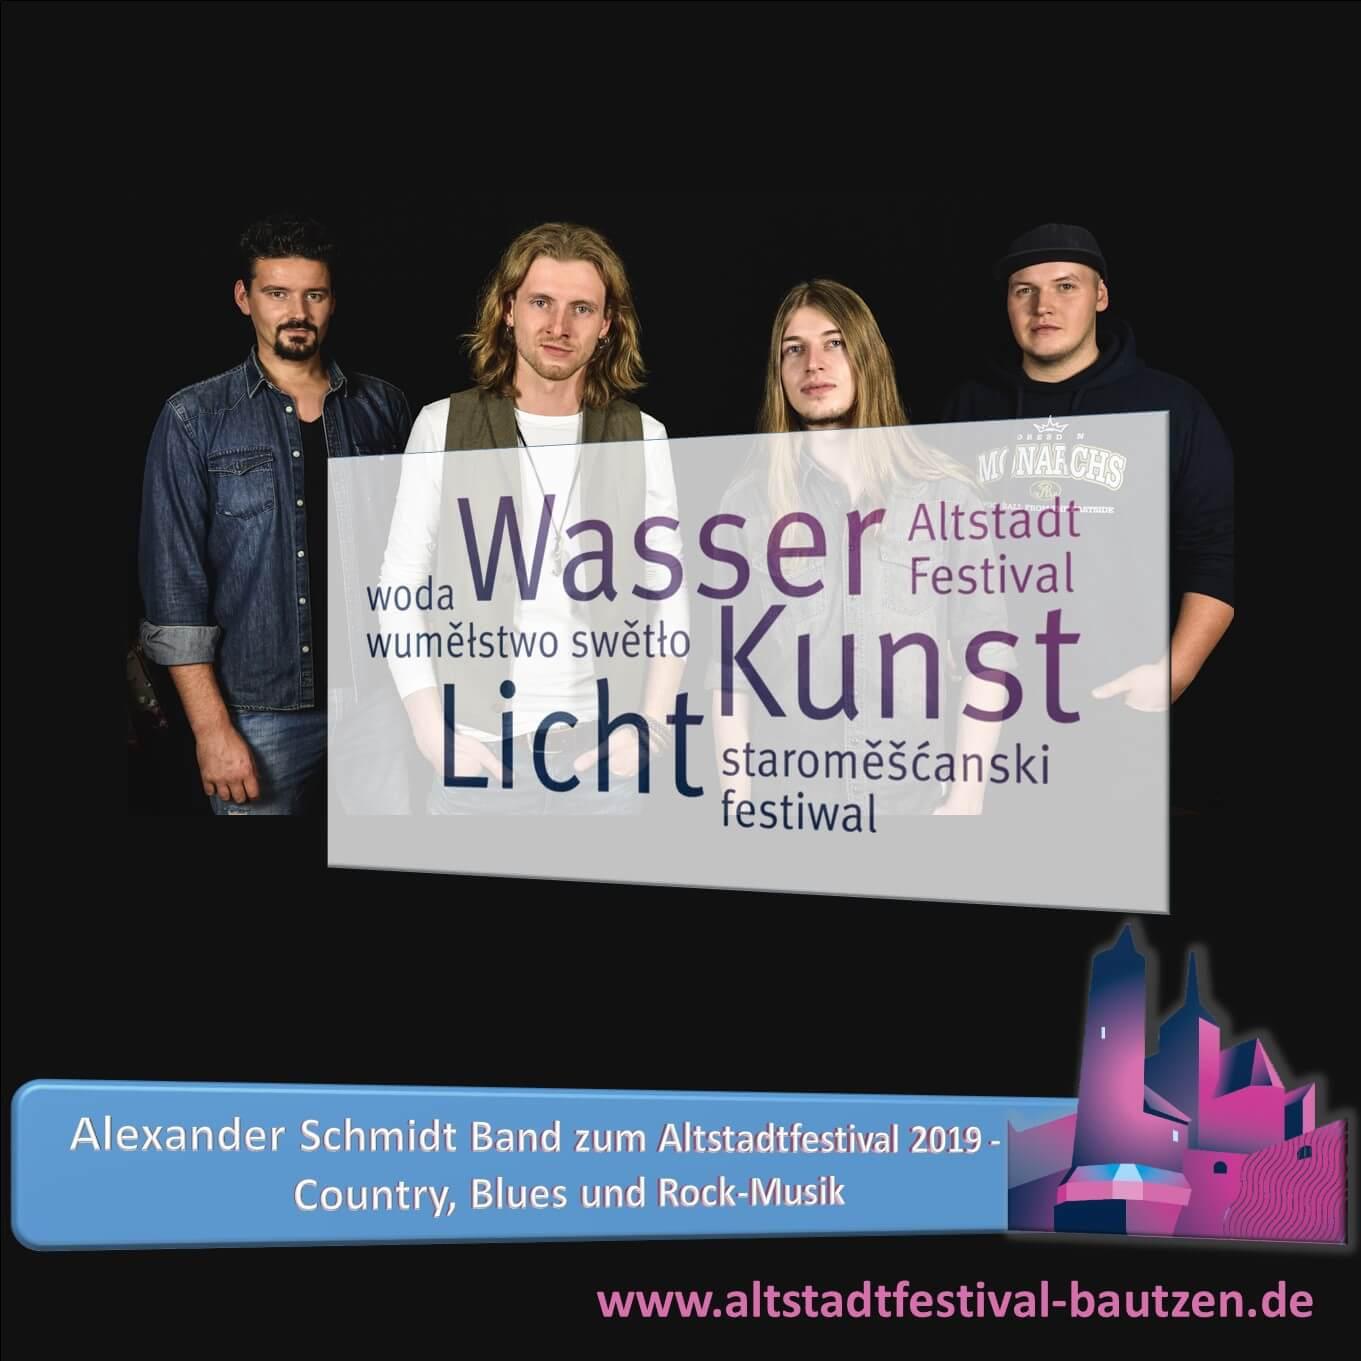 Beitrag Alexander Schmidt Band zum Altstadtfestival 2019